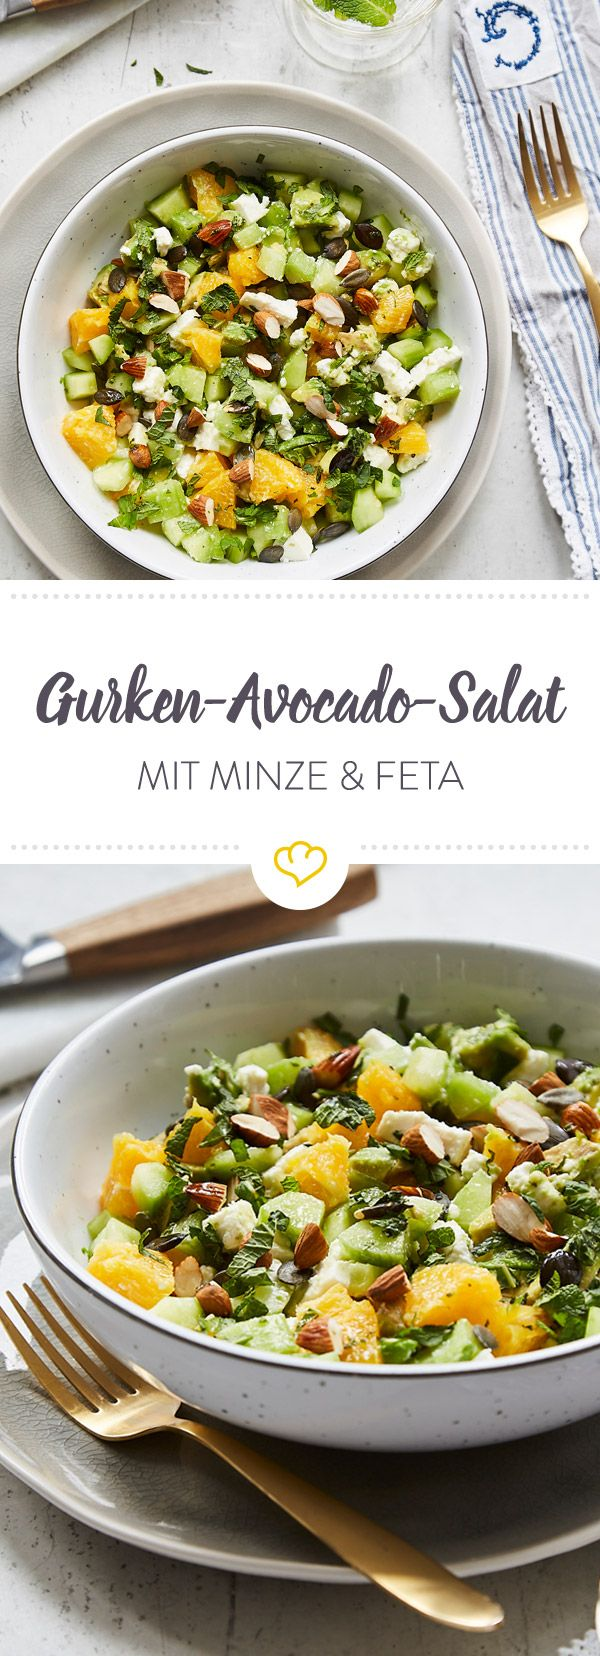 Schnell, schneller, Gurken-Avocado-Salat! Mit etwas Orange, Minze, Feta und Mandeln ist die Salatschüssel zum Feierabend ratzfatz bis zum Rand gefüllt.